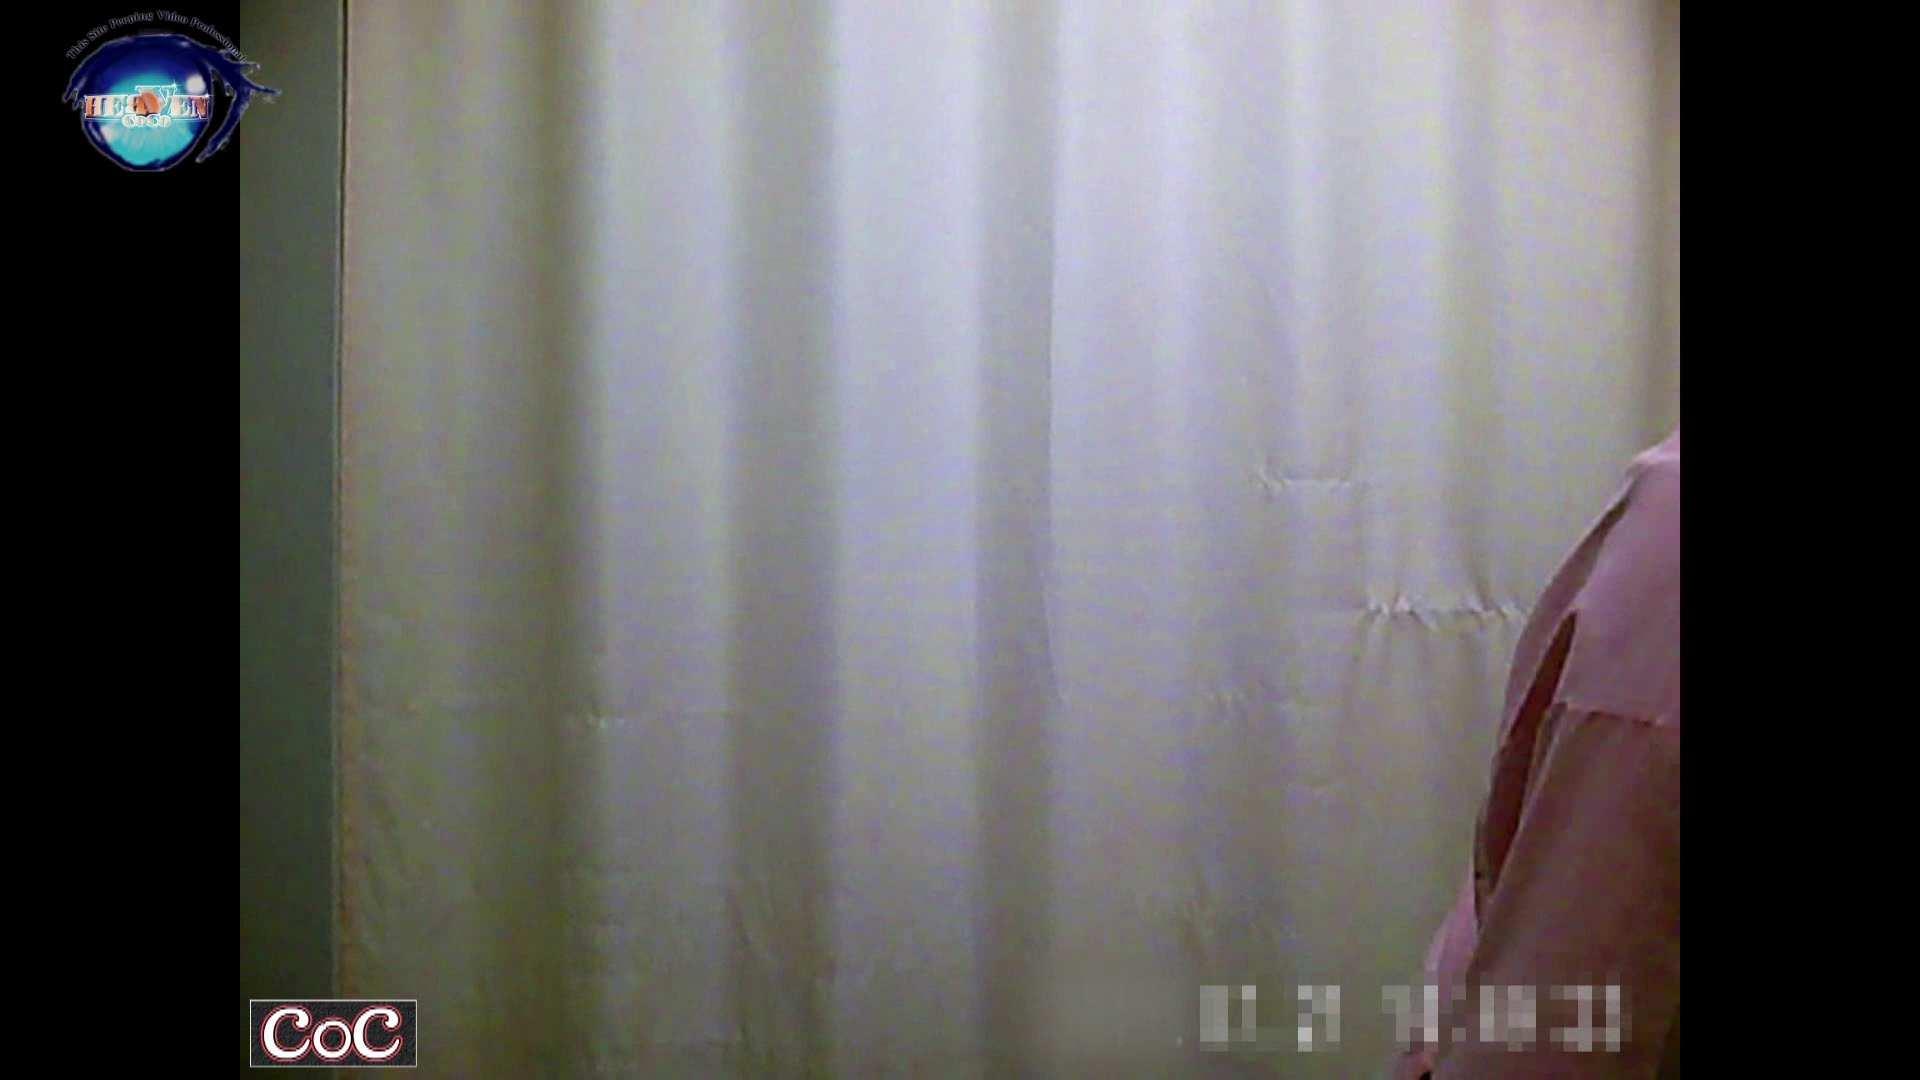 激ヤバ健康診断!着替えの一部始終.vol.04※本編ボカシ・目線無し ギャルのエロ動画 オマンコ無修正動画無料 104PIX 102